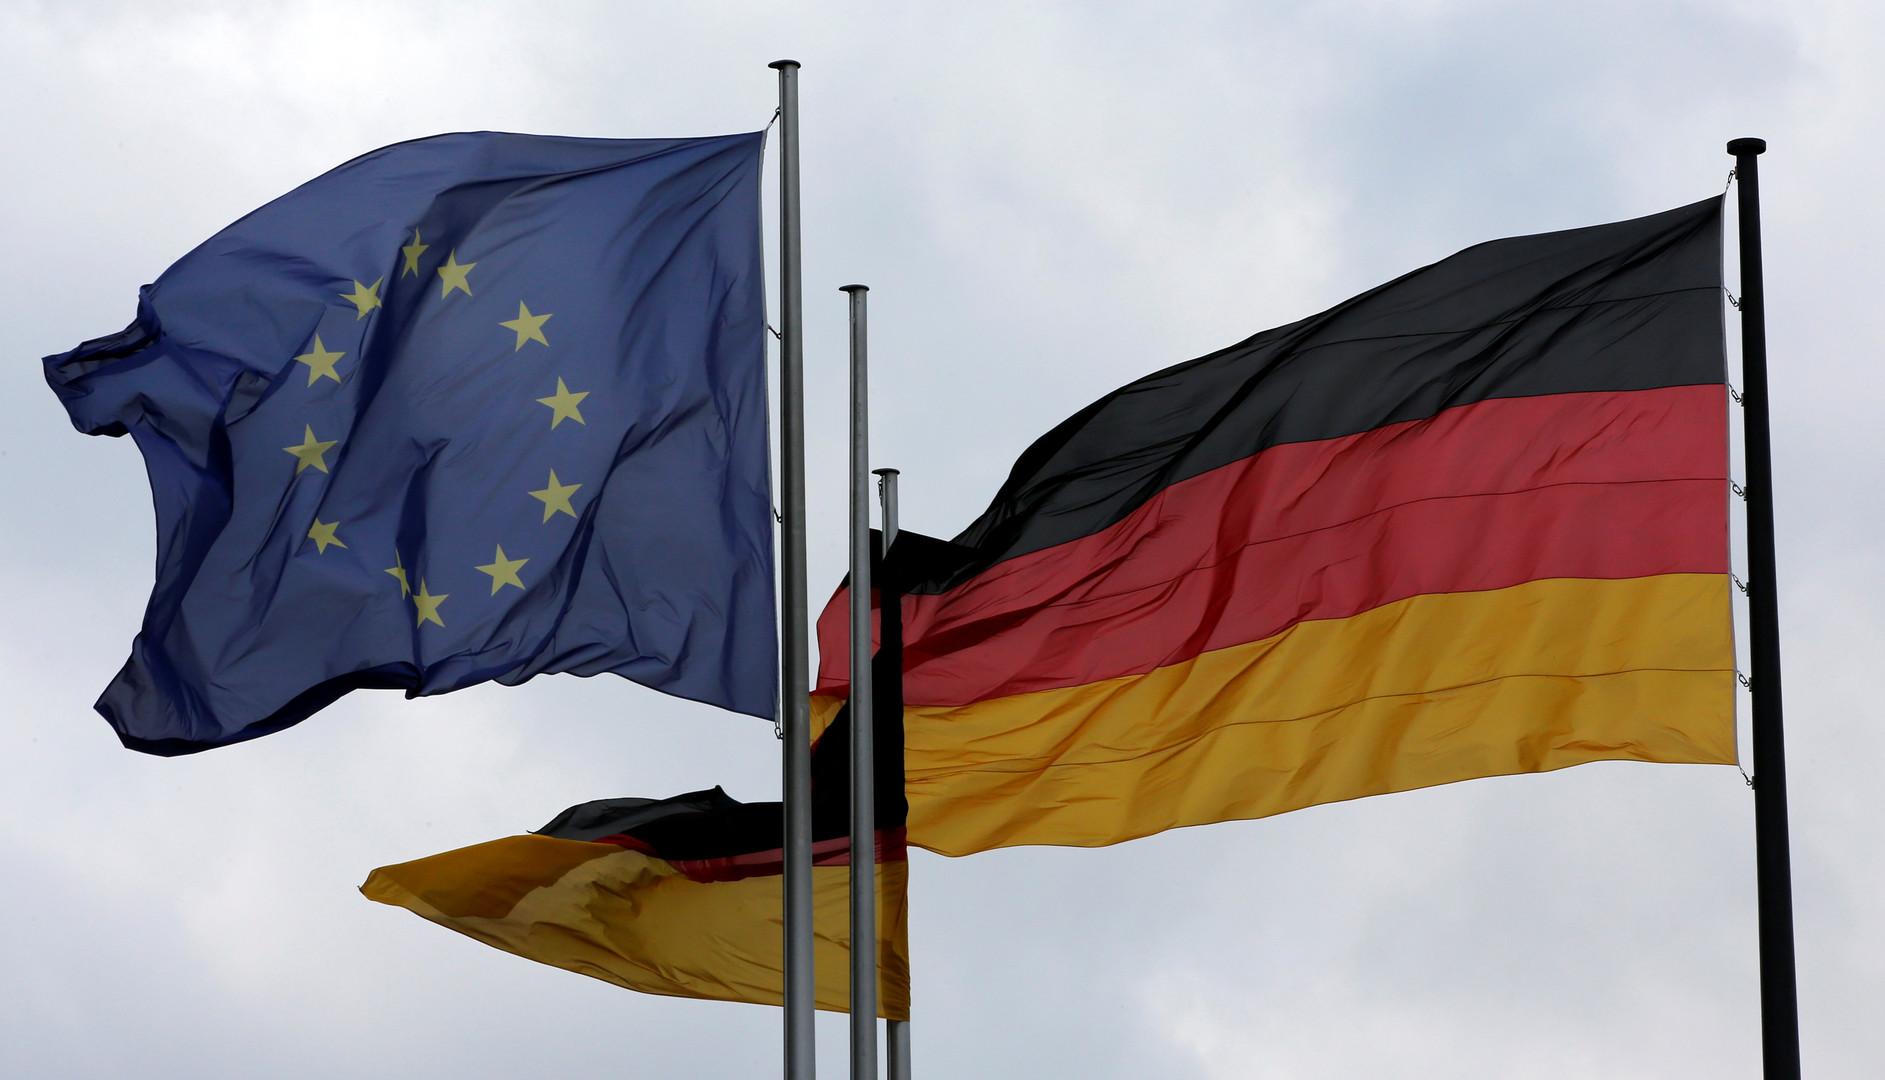 Вице-канцлер ФРГ предложил дать молодым британцам немецкое гражданство